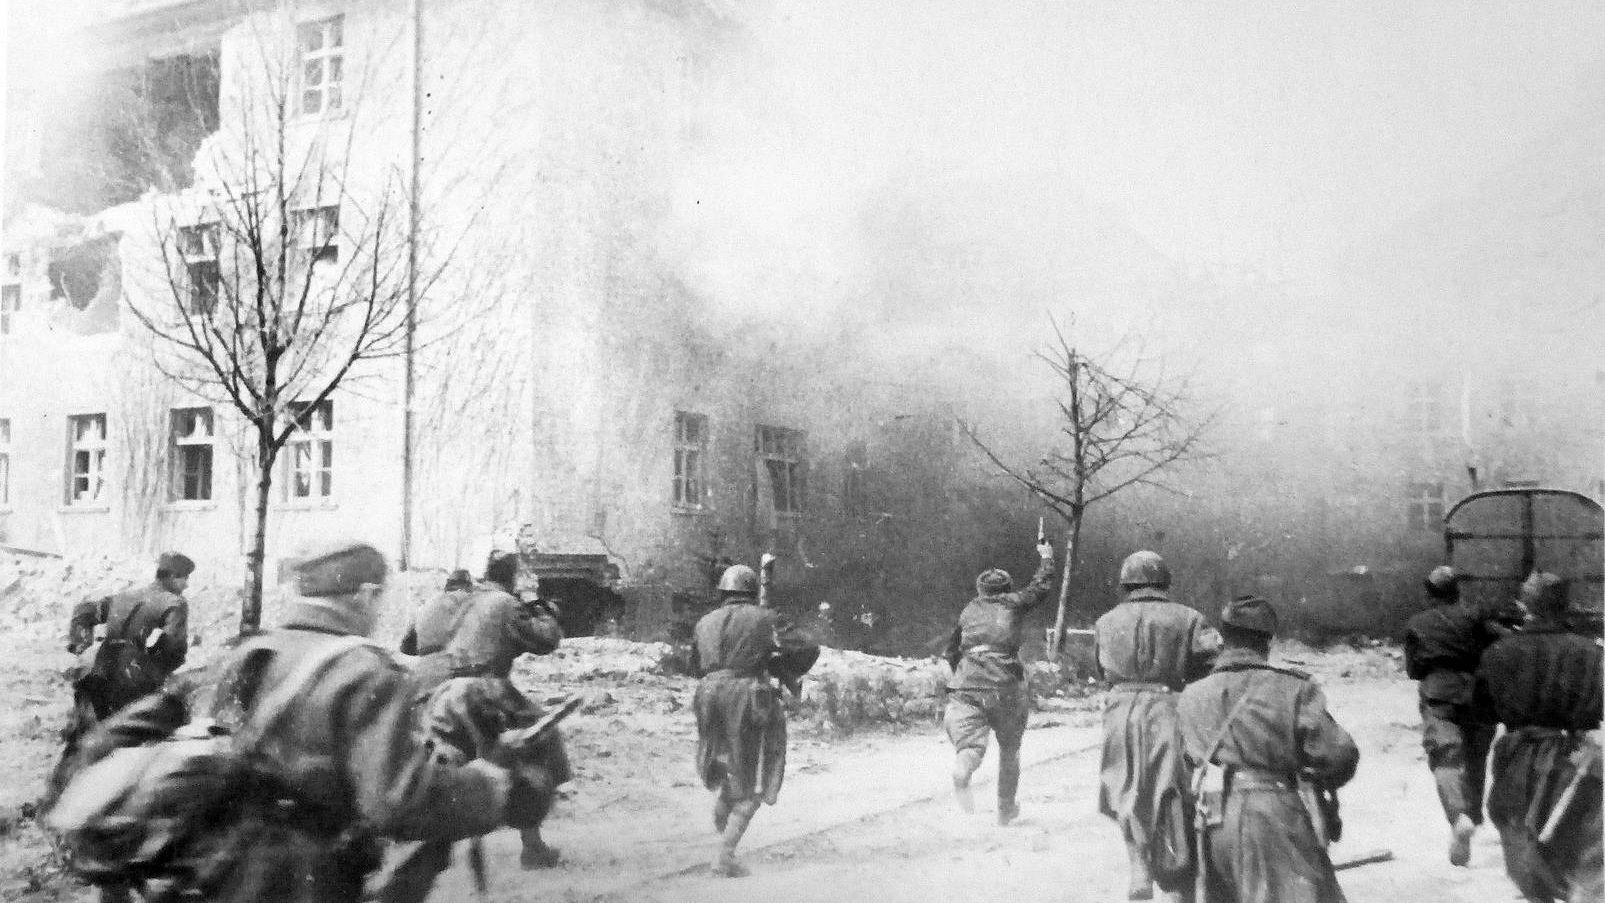 Советское подразделение в уличном бою в Кенигсберге. Апрель 1945